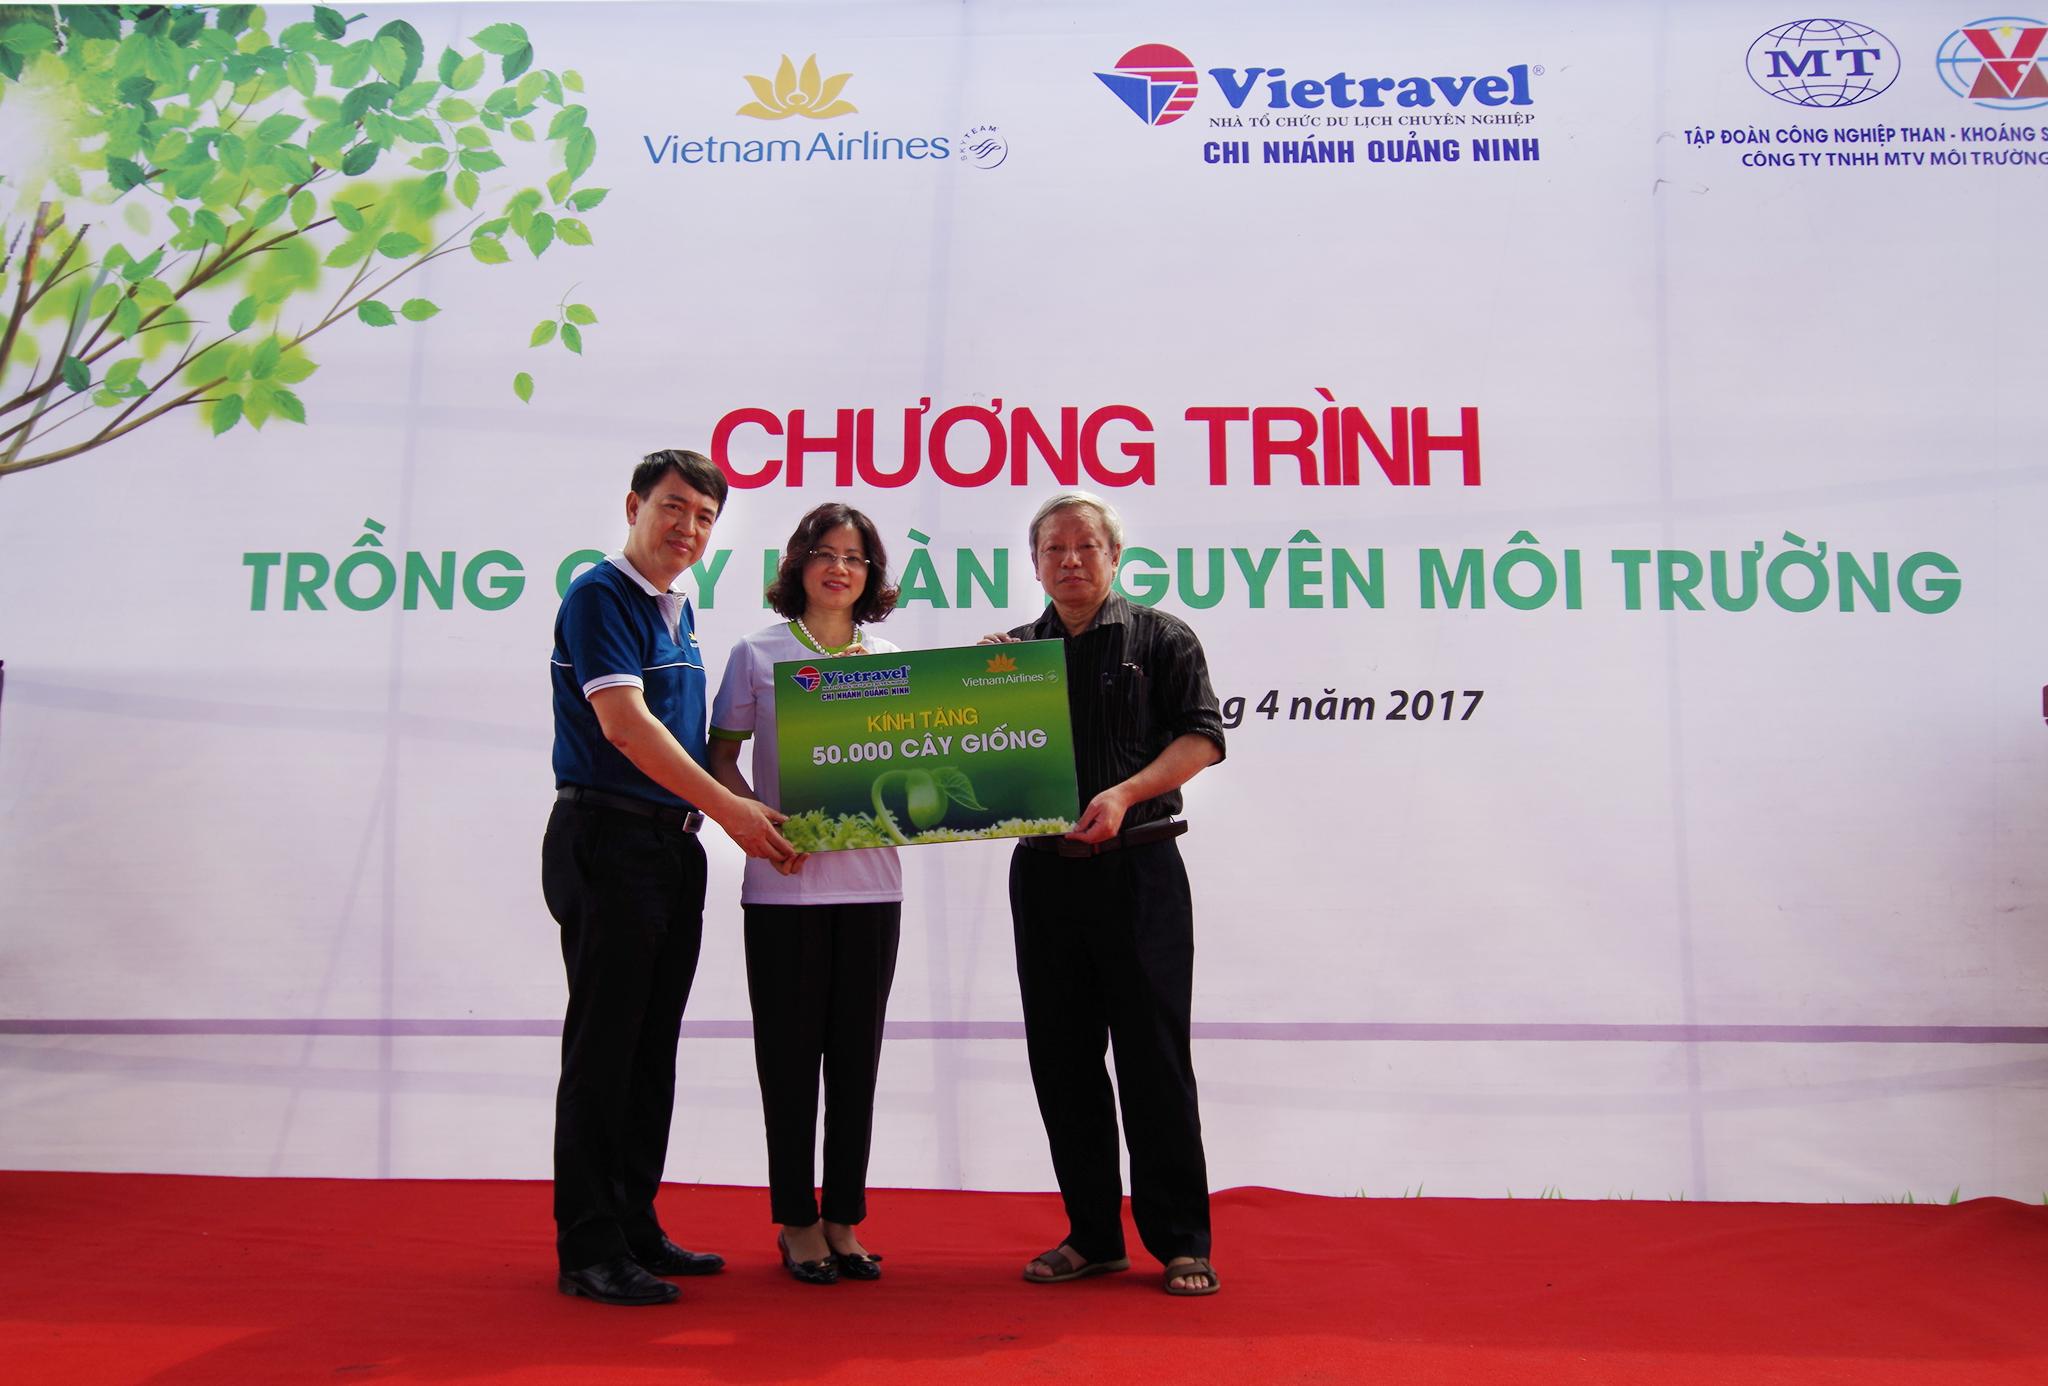 Vietnam Airlines và Vietravel tặng 50.000 cây giống keo gai cho Quảng Ninh